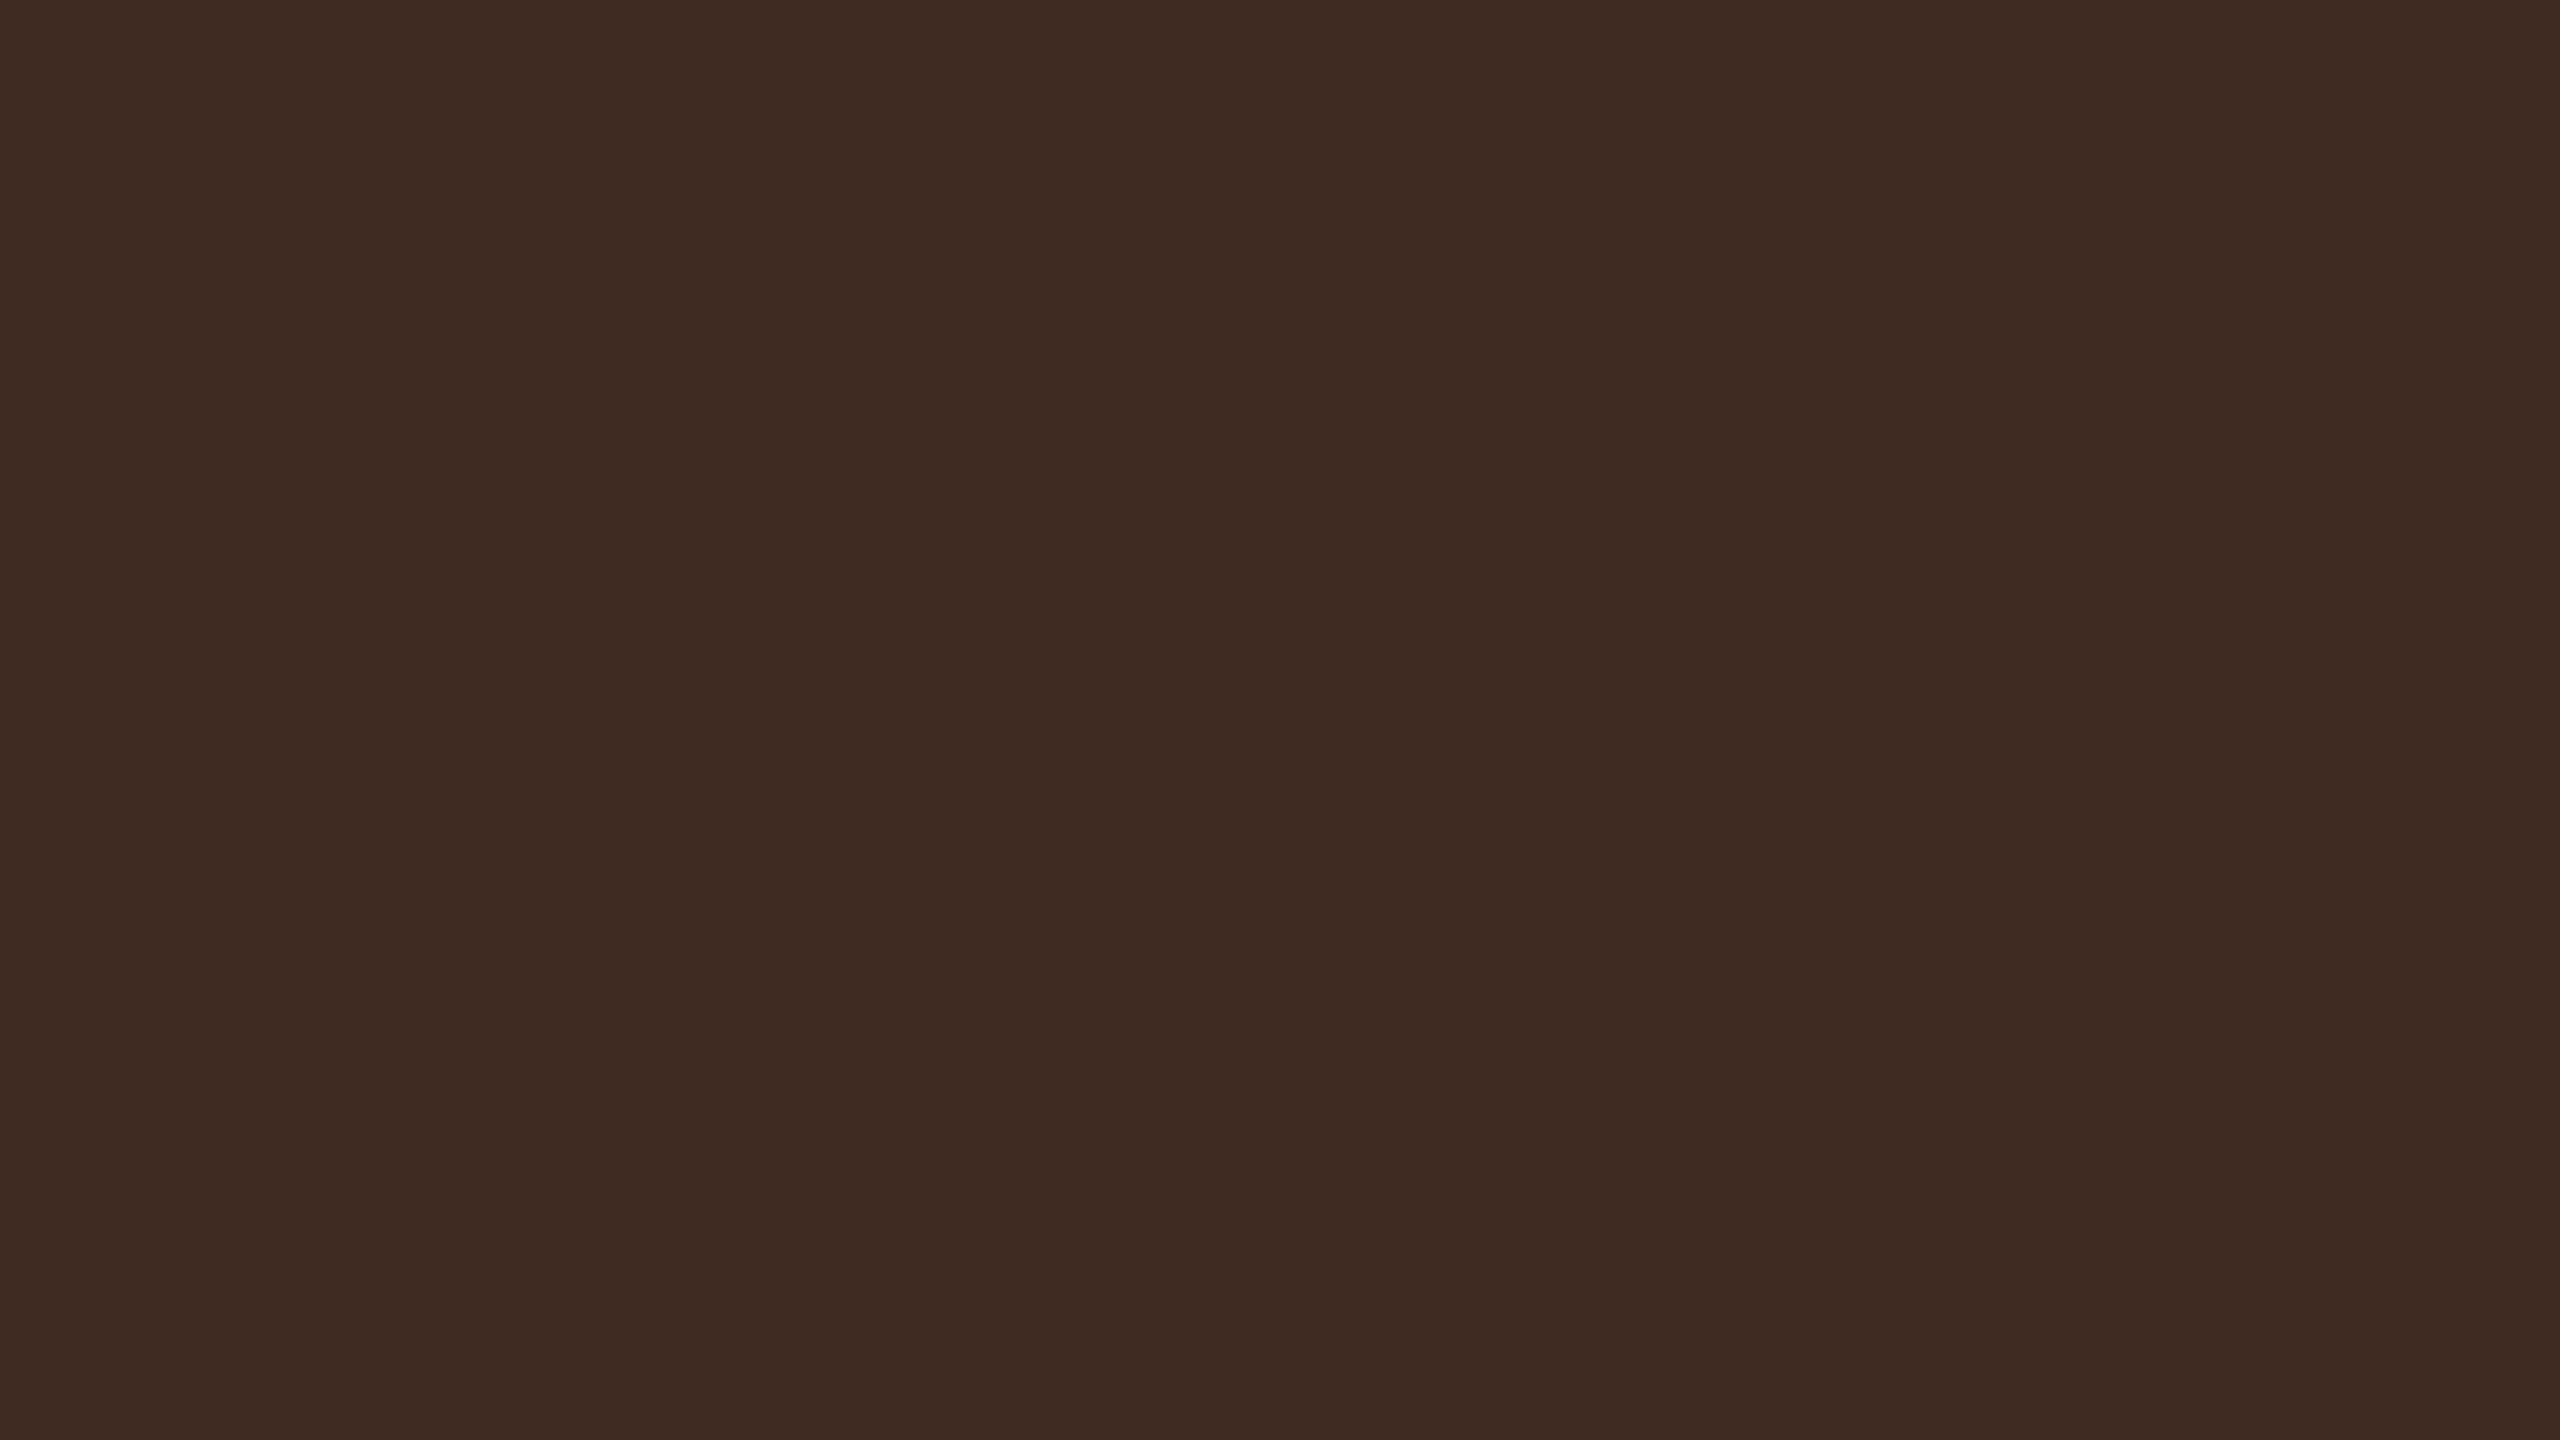 2560x1440 Bistre Solid Color Background